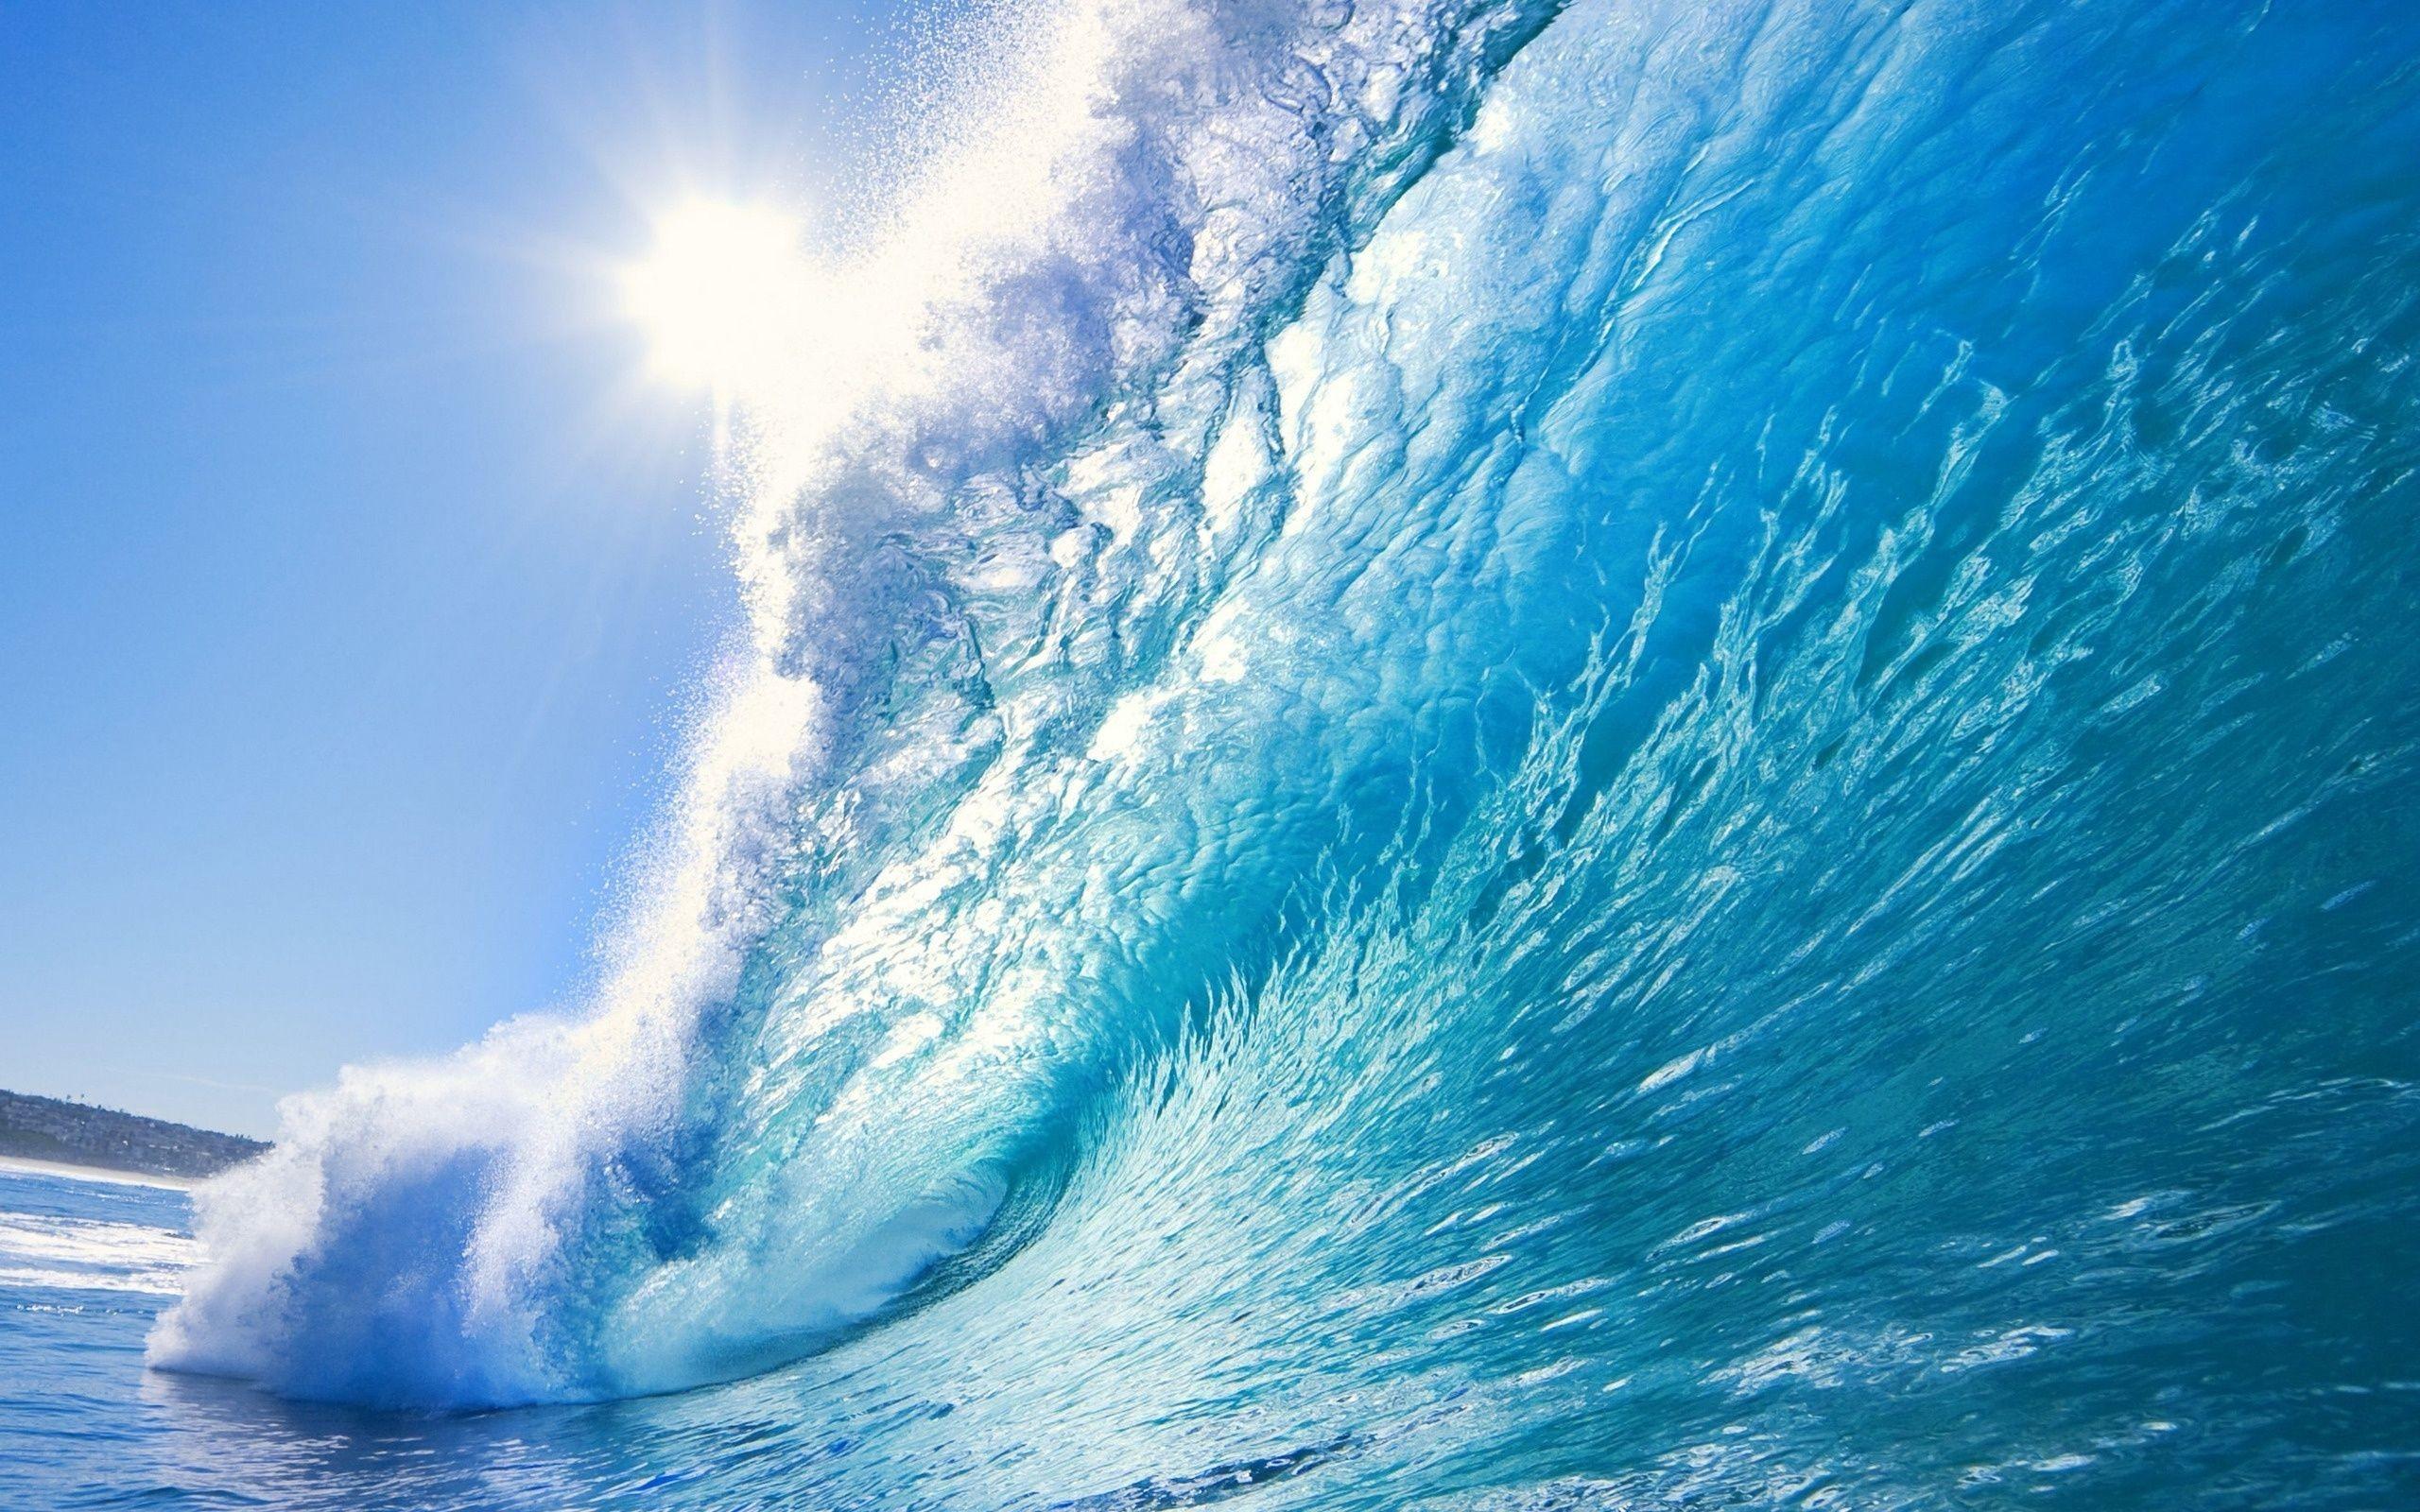 Res: 2560x1600, wallpapers of ocean ocean background wallpapers ocean wallpapers